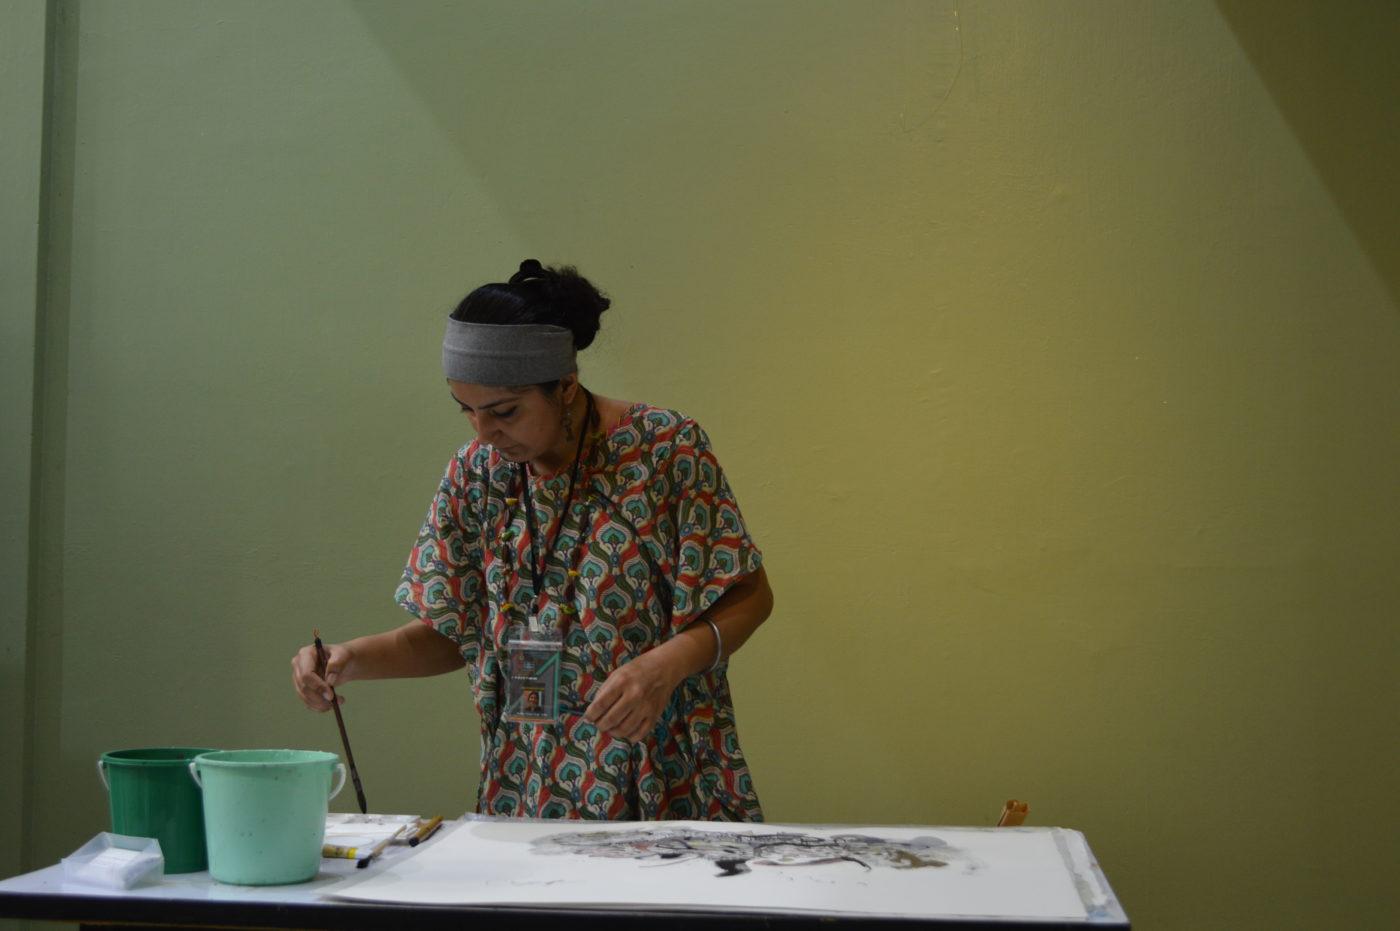 インド人アーティスト/リサーチャーを招いてのトークイベント開催 TRA-TRAVELの「アート・トラベラーvol.4」